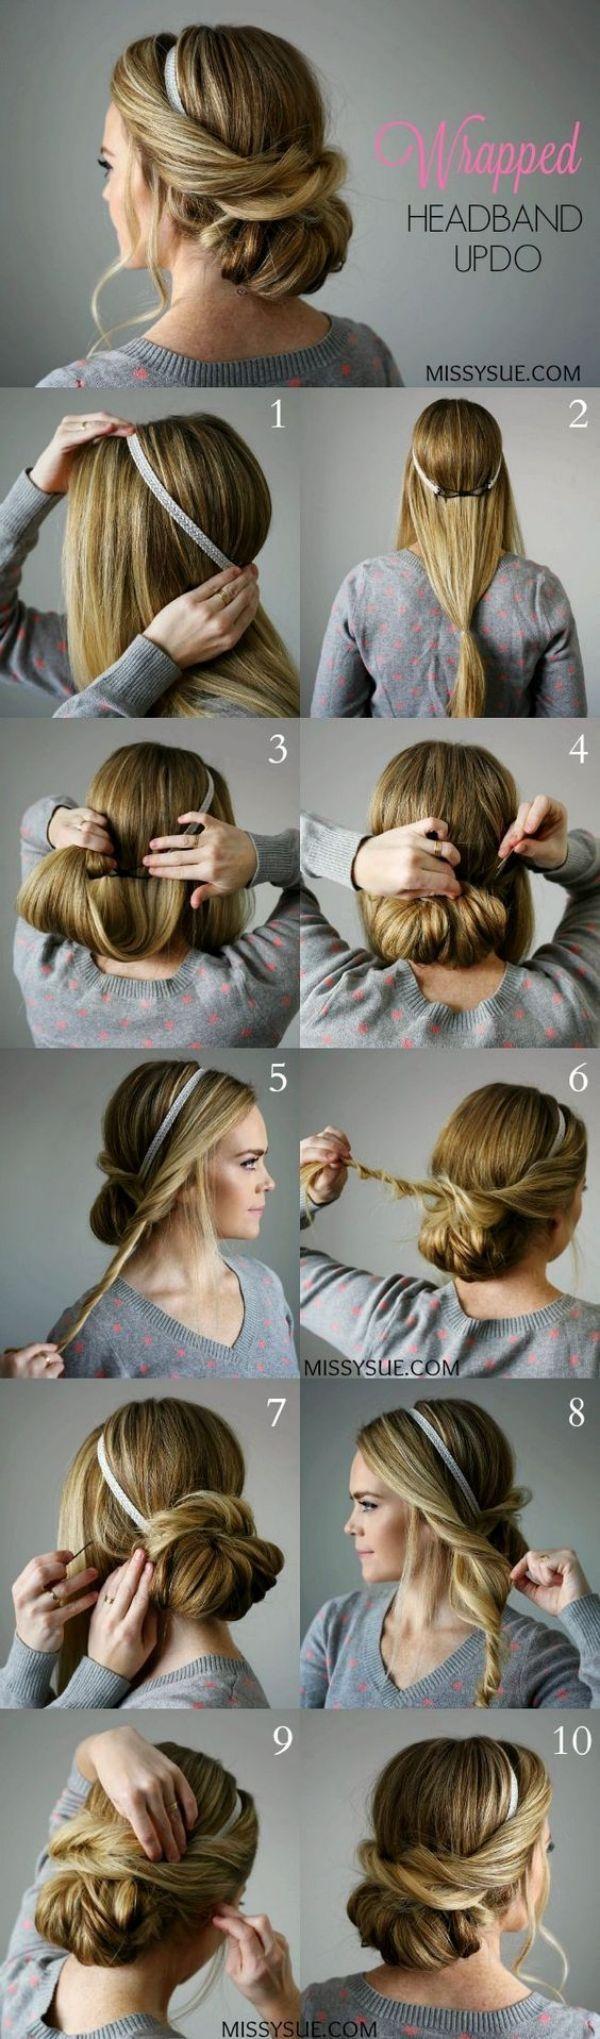 60 peinados que se pueden hacer en 3 minutos #done #dresses #konn